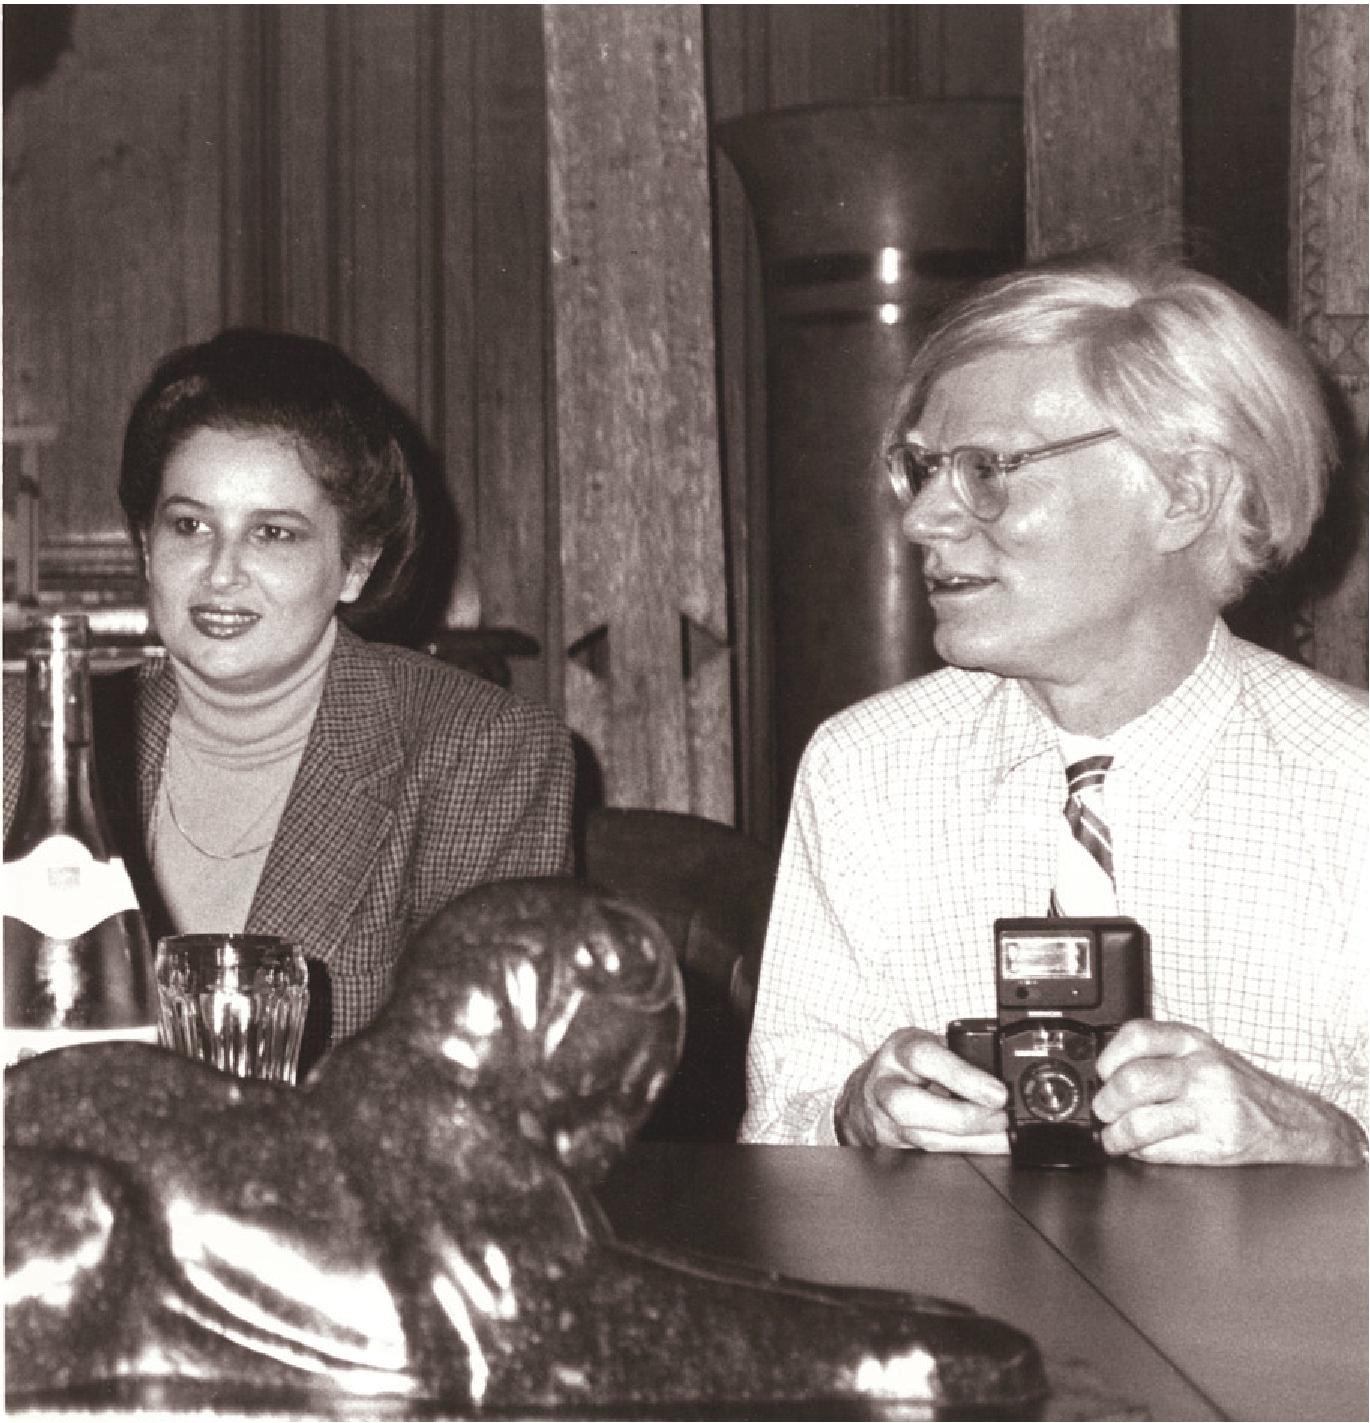 Mariana Nicolesco şi Andy Warhol în atelierul acestuia de la New York, numit The Factory